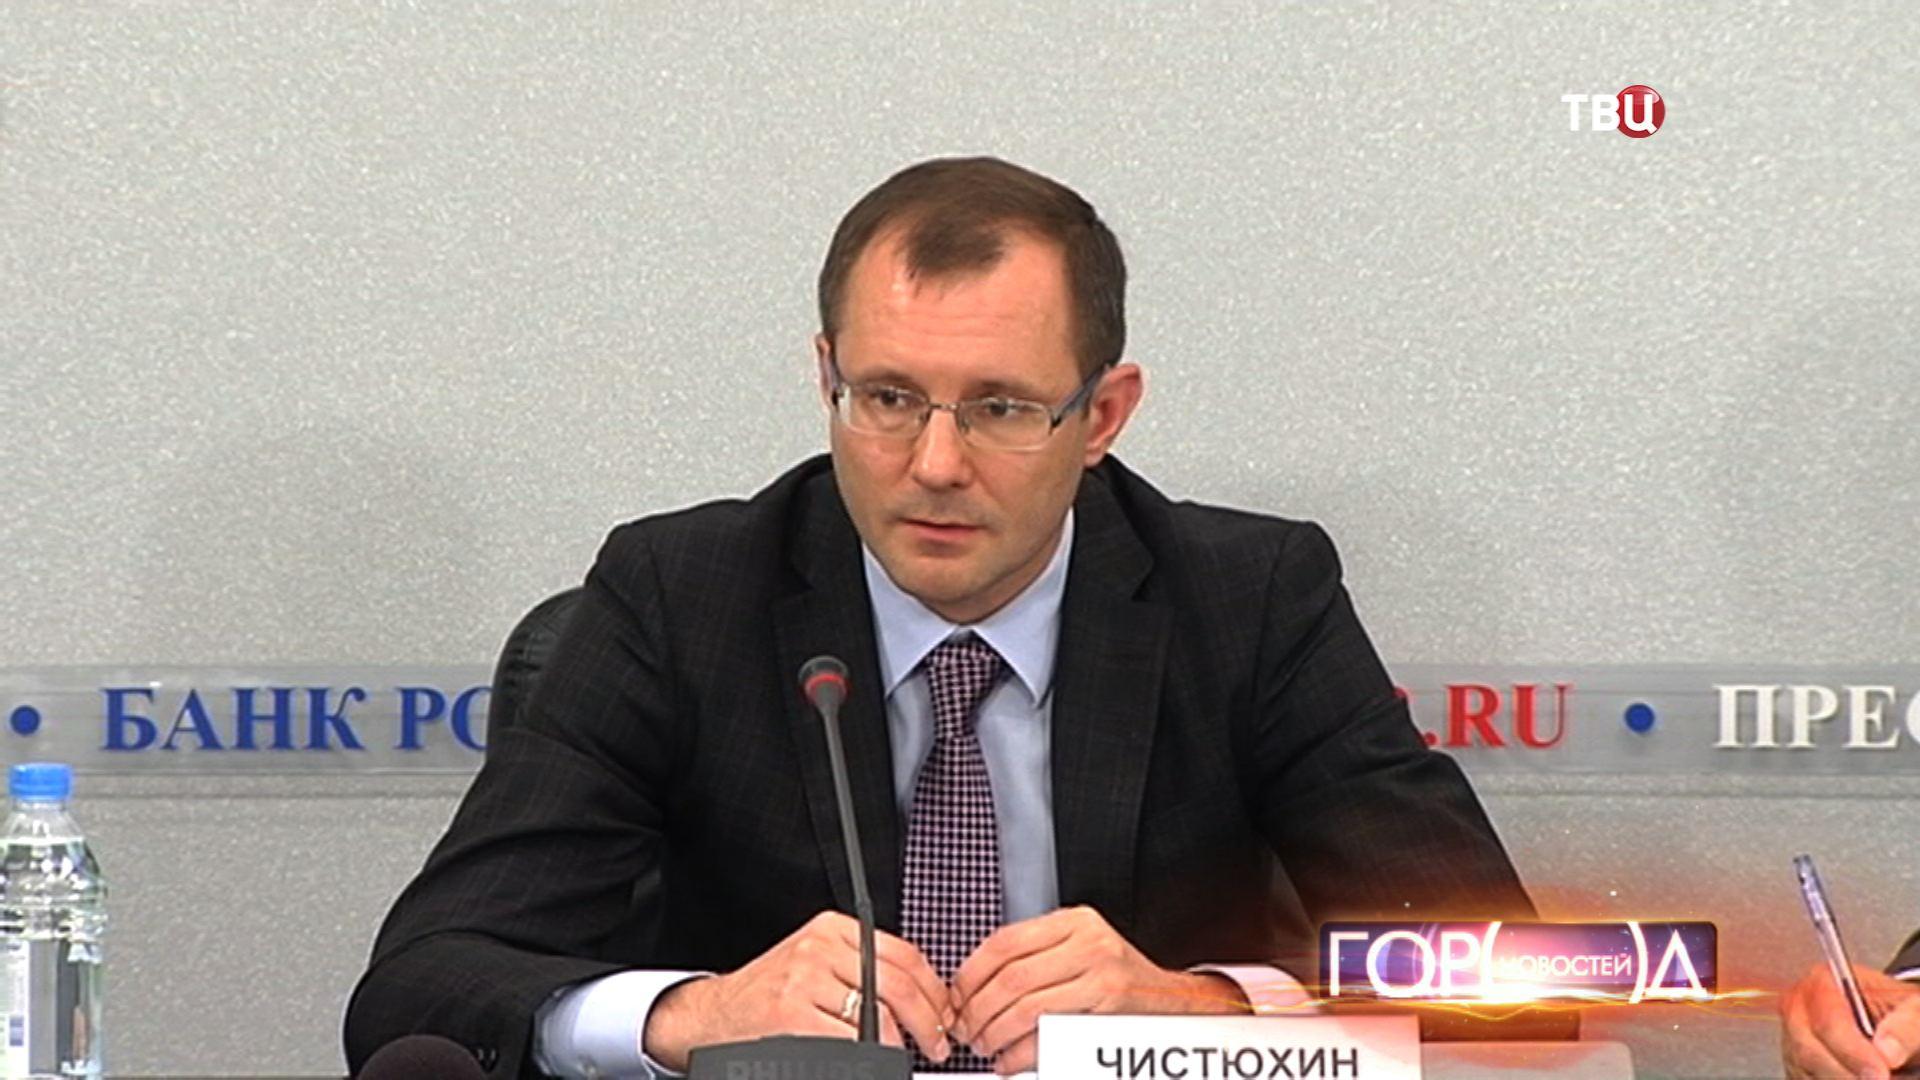 Чистюхин Владимир, заместитель председателя Центрального банка Российской Федерации.